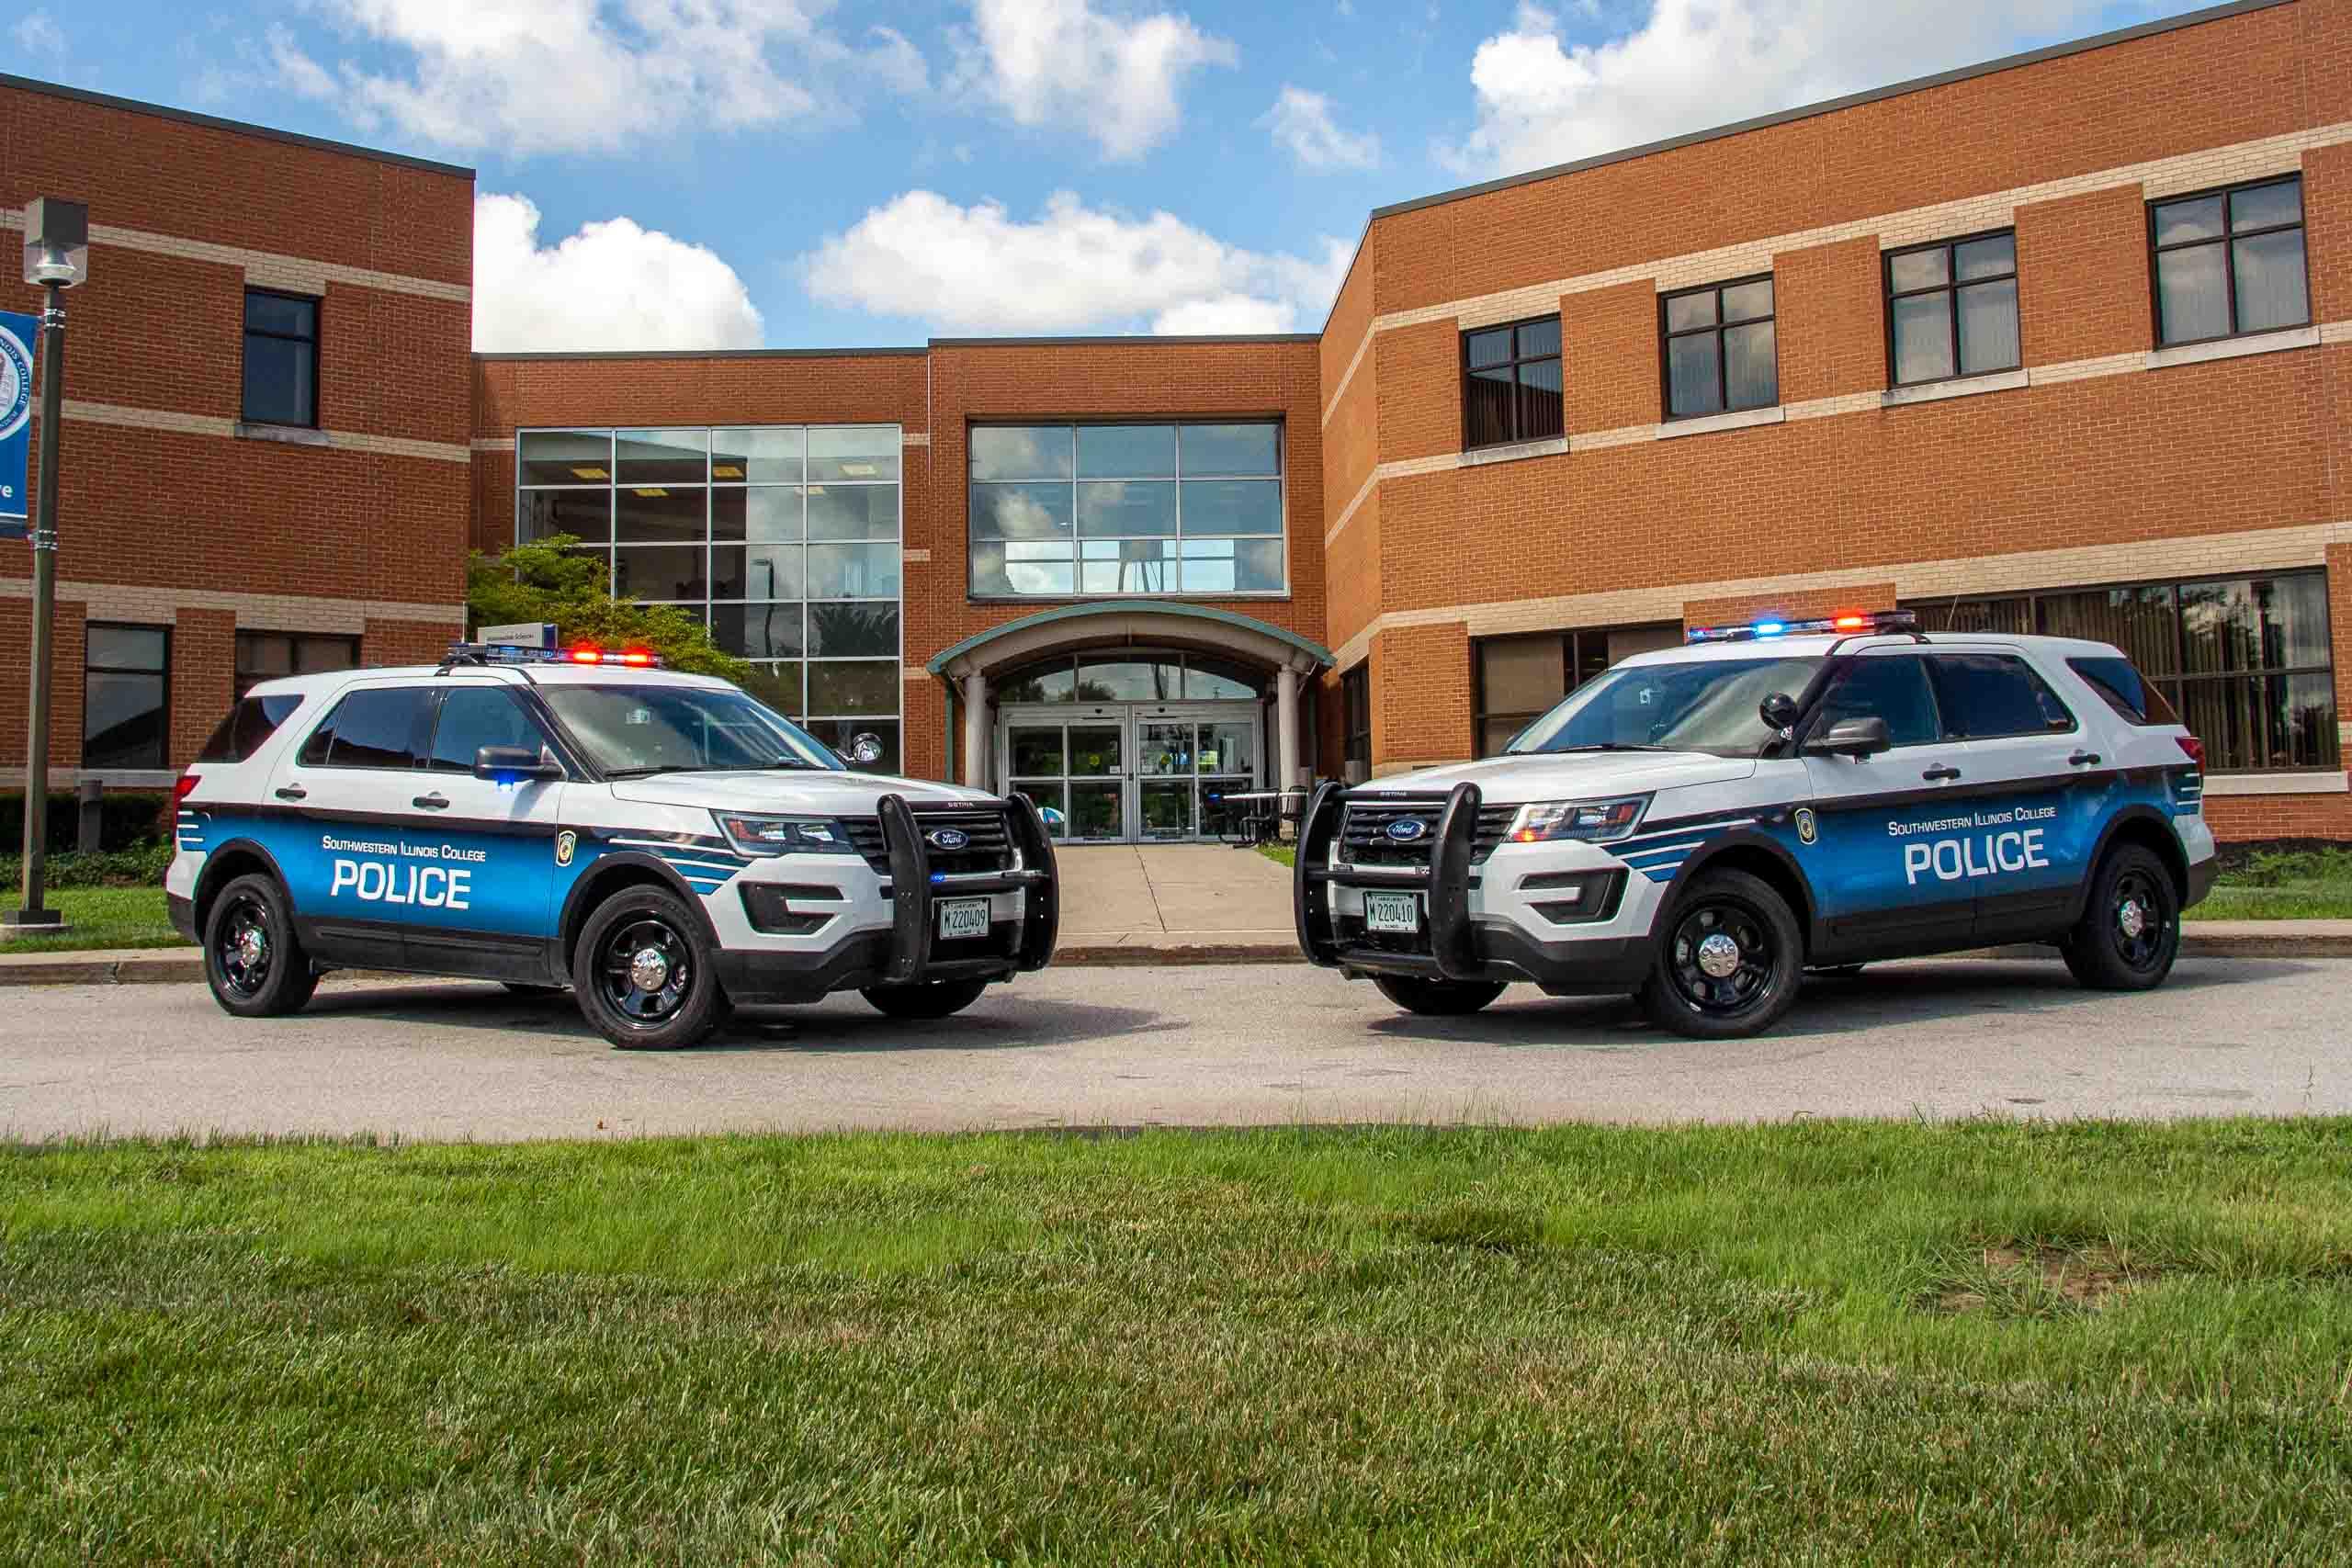 SWIC Police Patrol Car